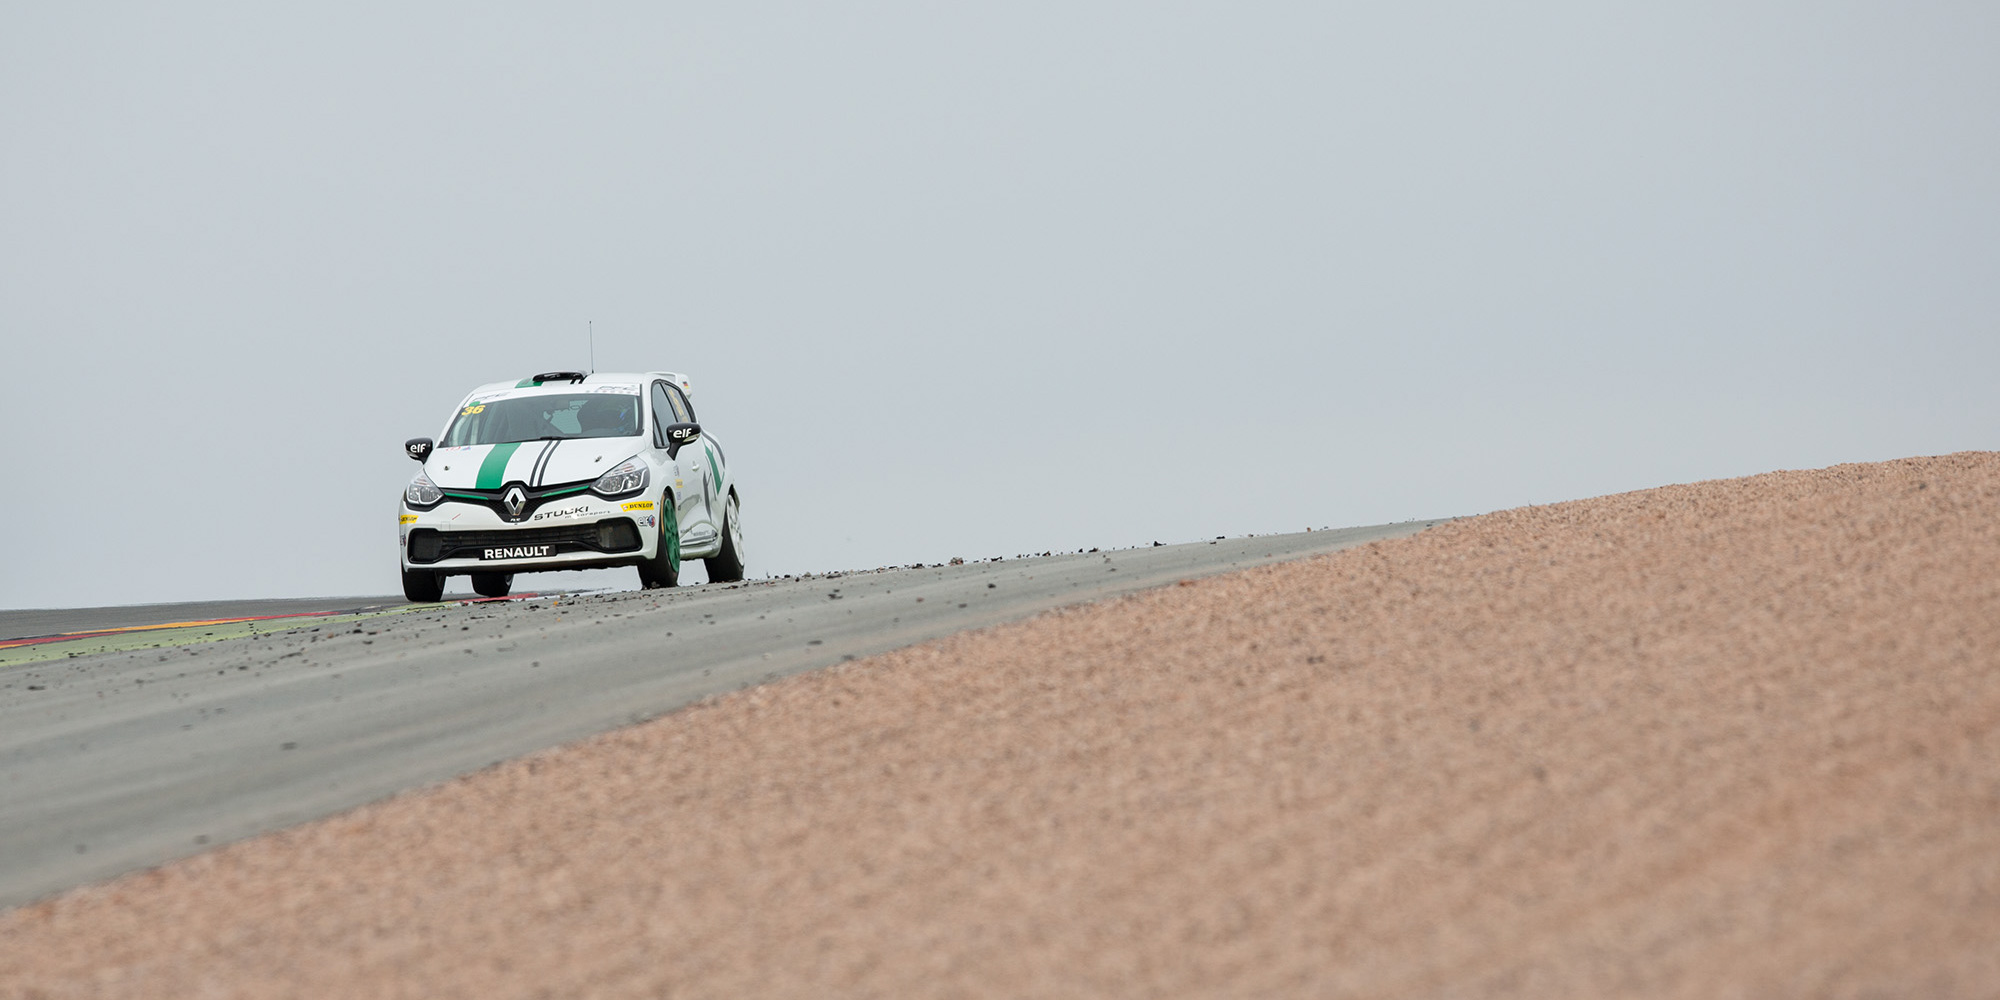 Clio Cup - 08-2016 - Calcum dominiert auch in Lauf zwei, Podest identisch mit erstem Rennen